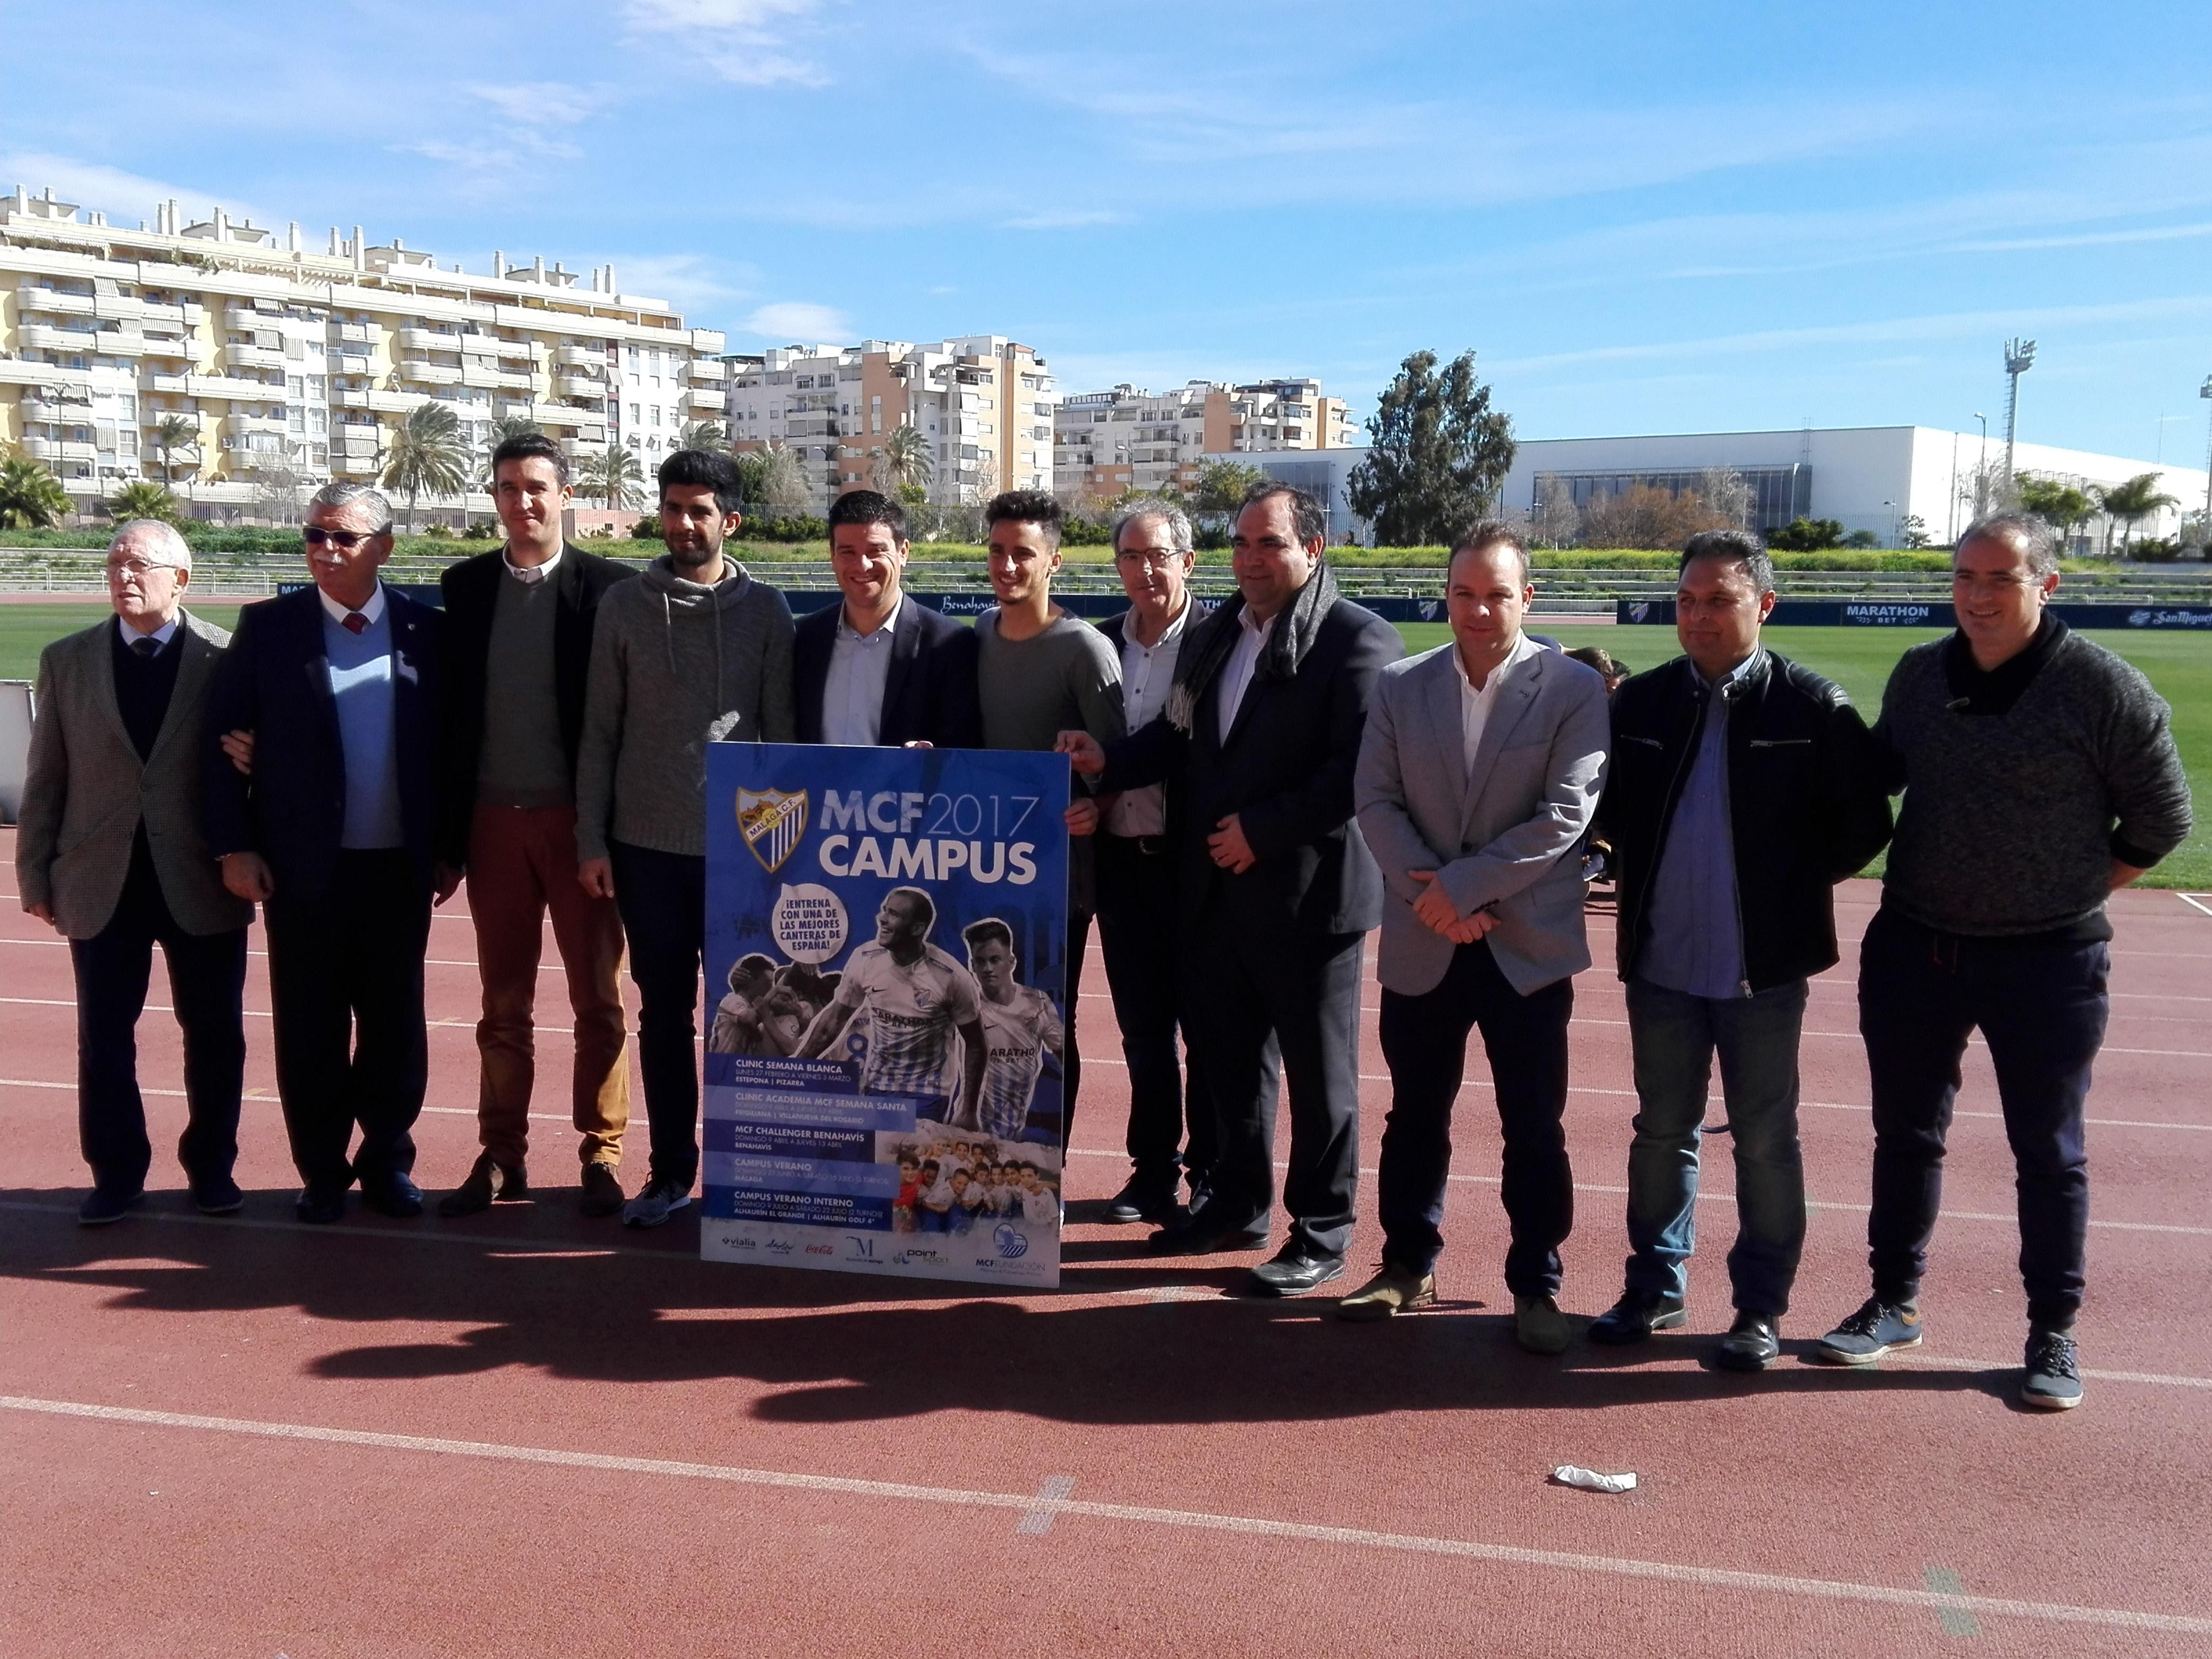 Presentación del Campus del Málaga C.F. Fuente: Avance Deportivo